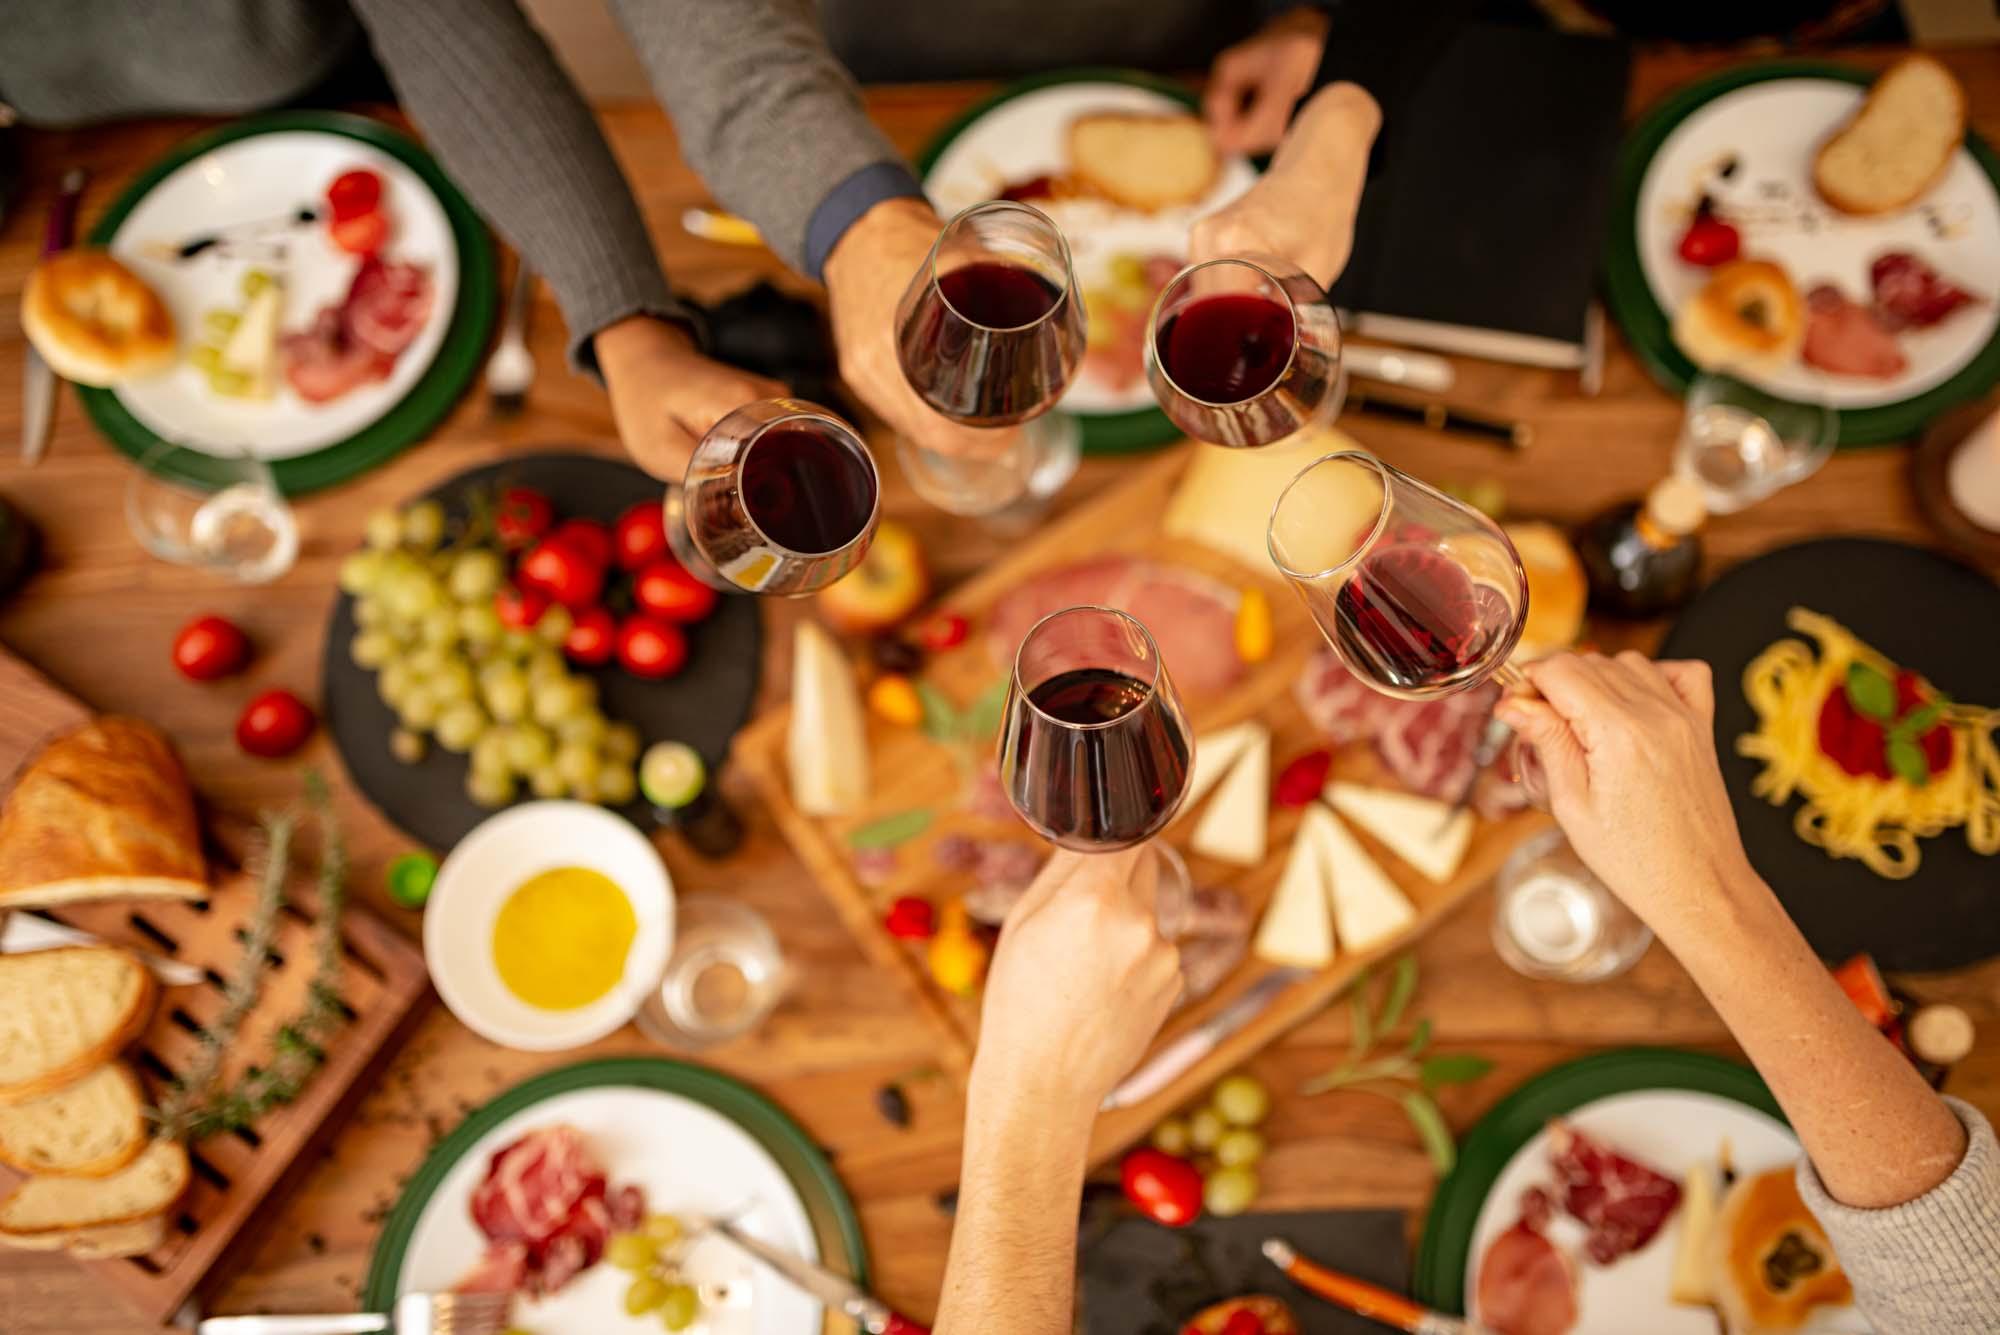 Degustazioni Enogastronomiche Eventi Aziendali a Brescia